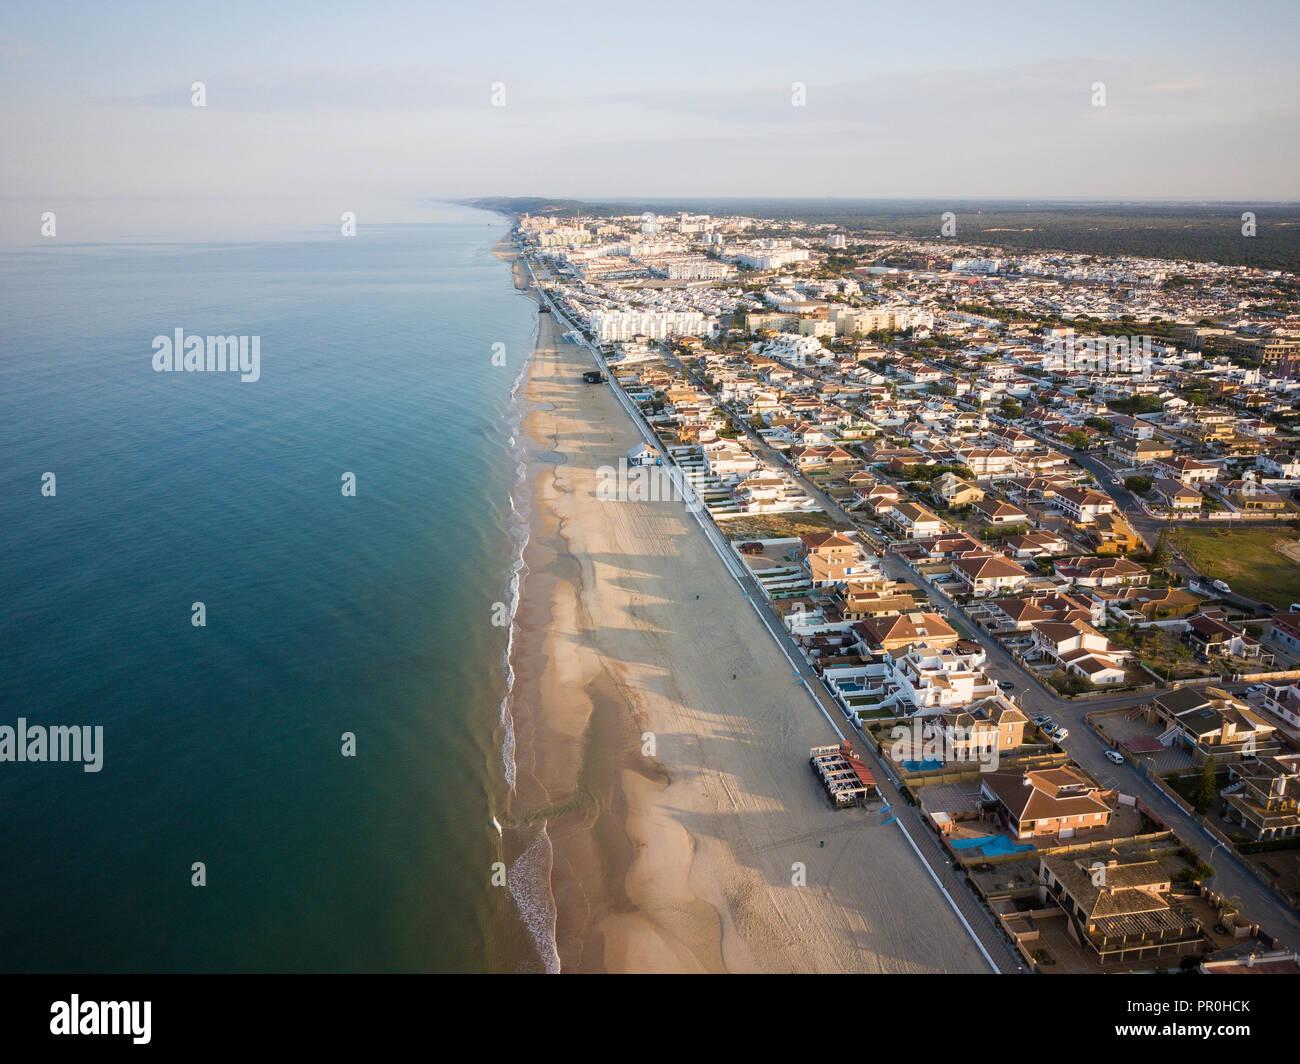 Vista aérea de Matalascañas, por drone, distrito de Huelva, Andalucia, España, Europa Imagen De Stock